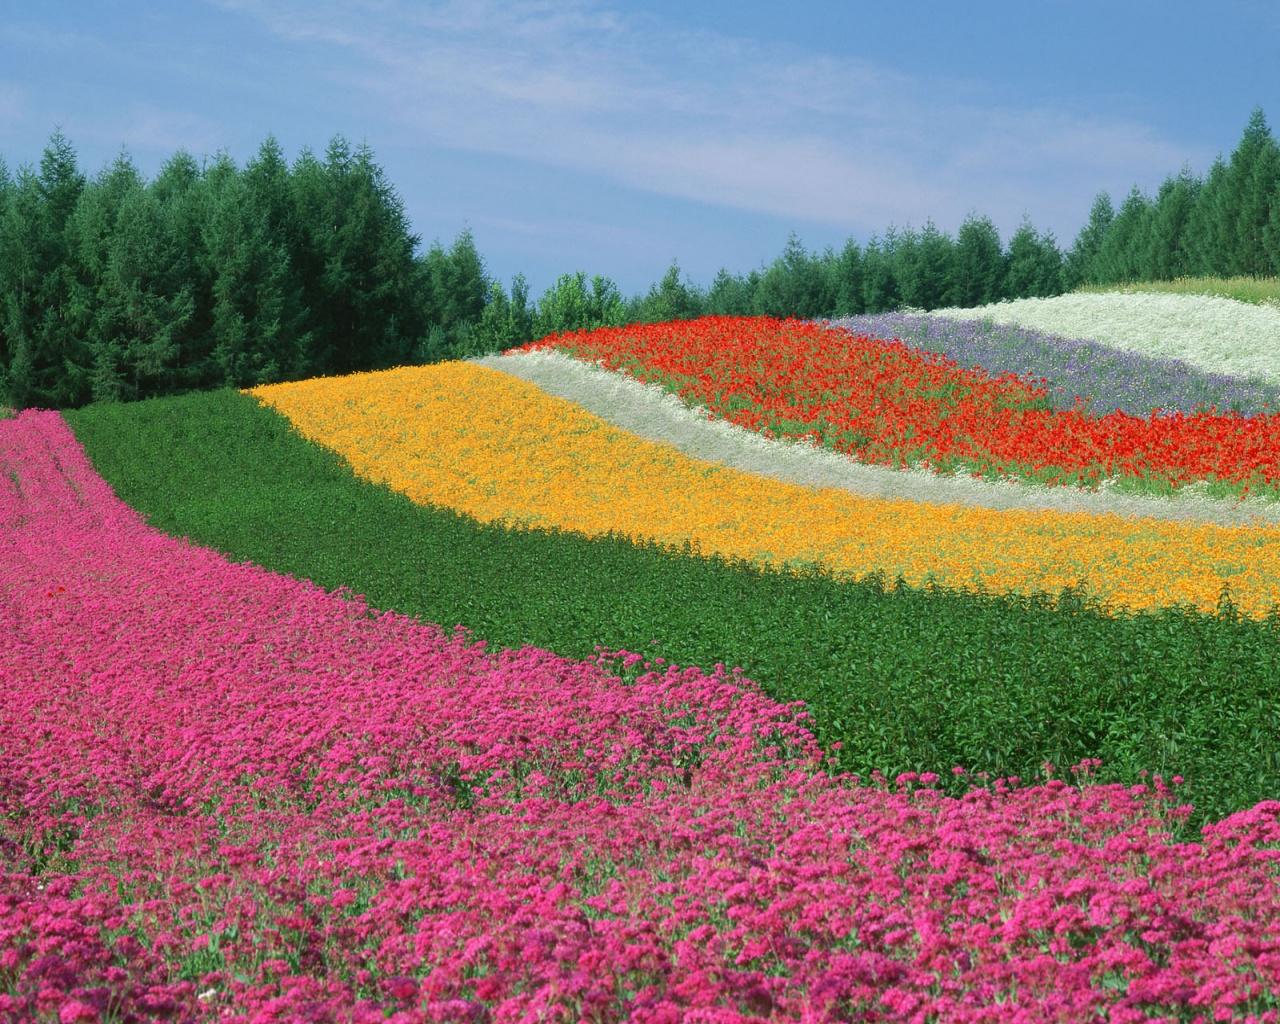 Saul 22 april 2012 linguaggio celeste for Flowers for japanese garden